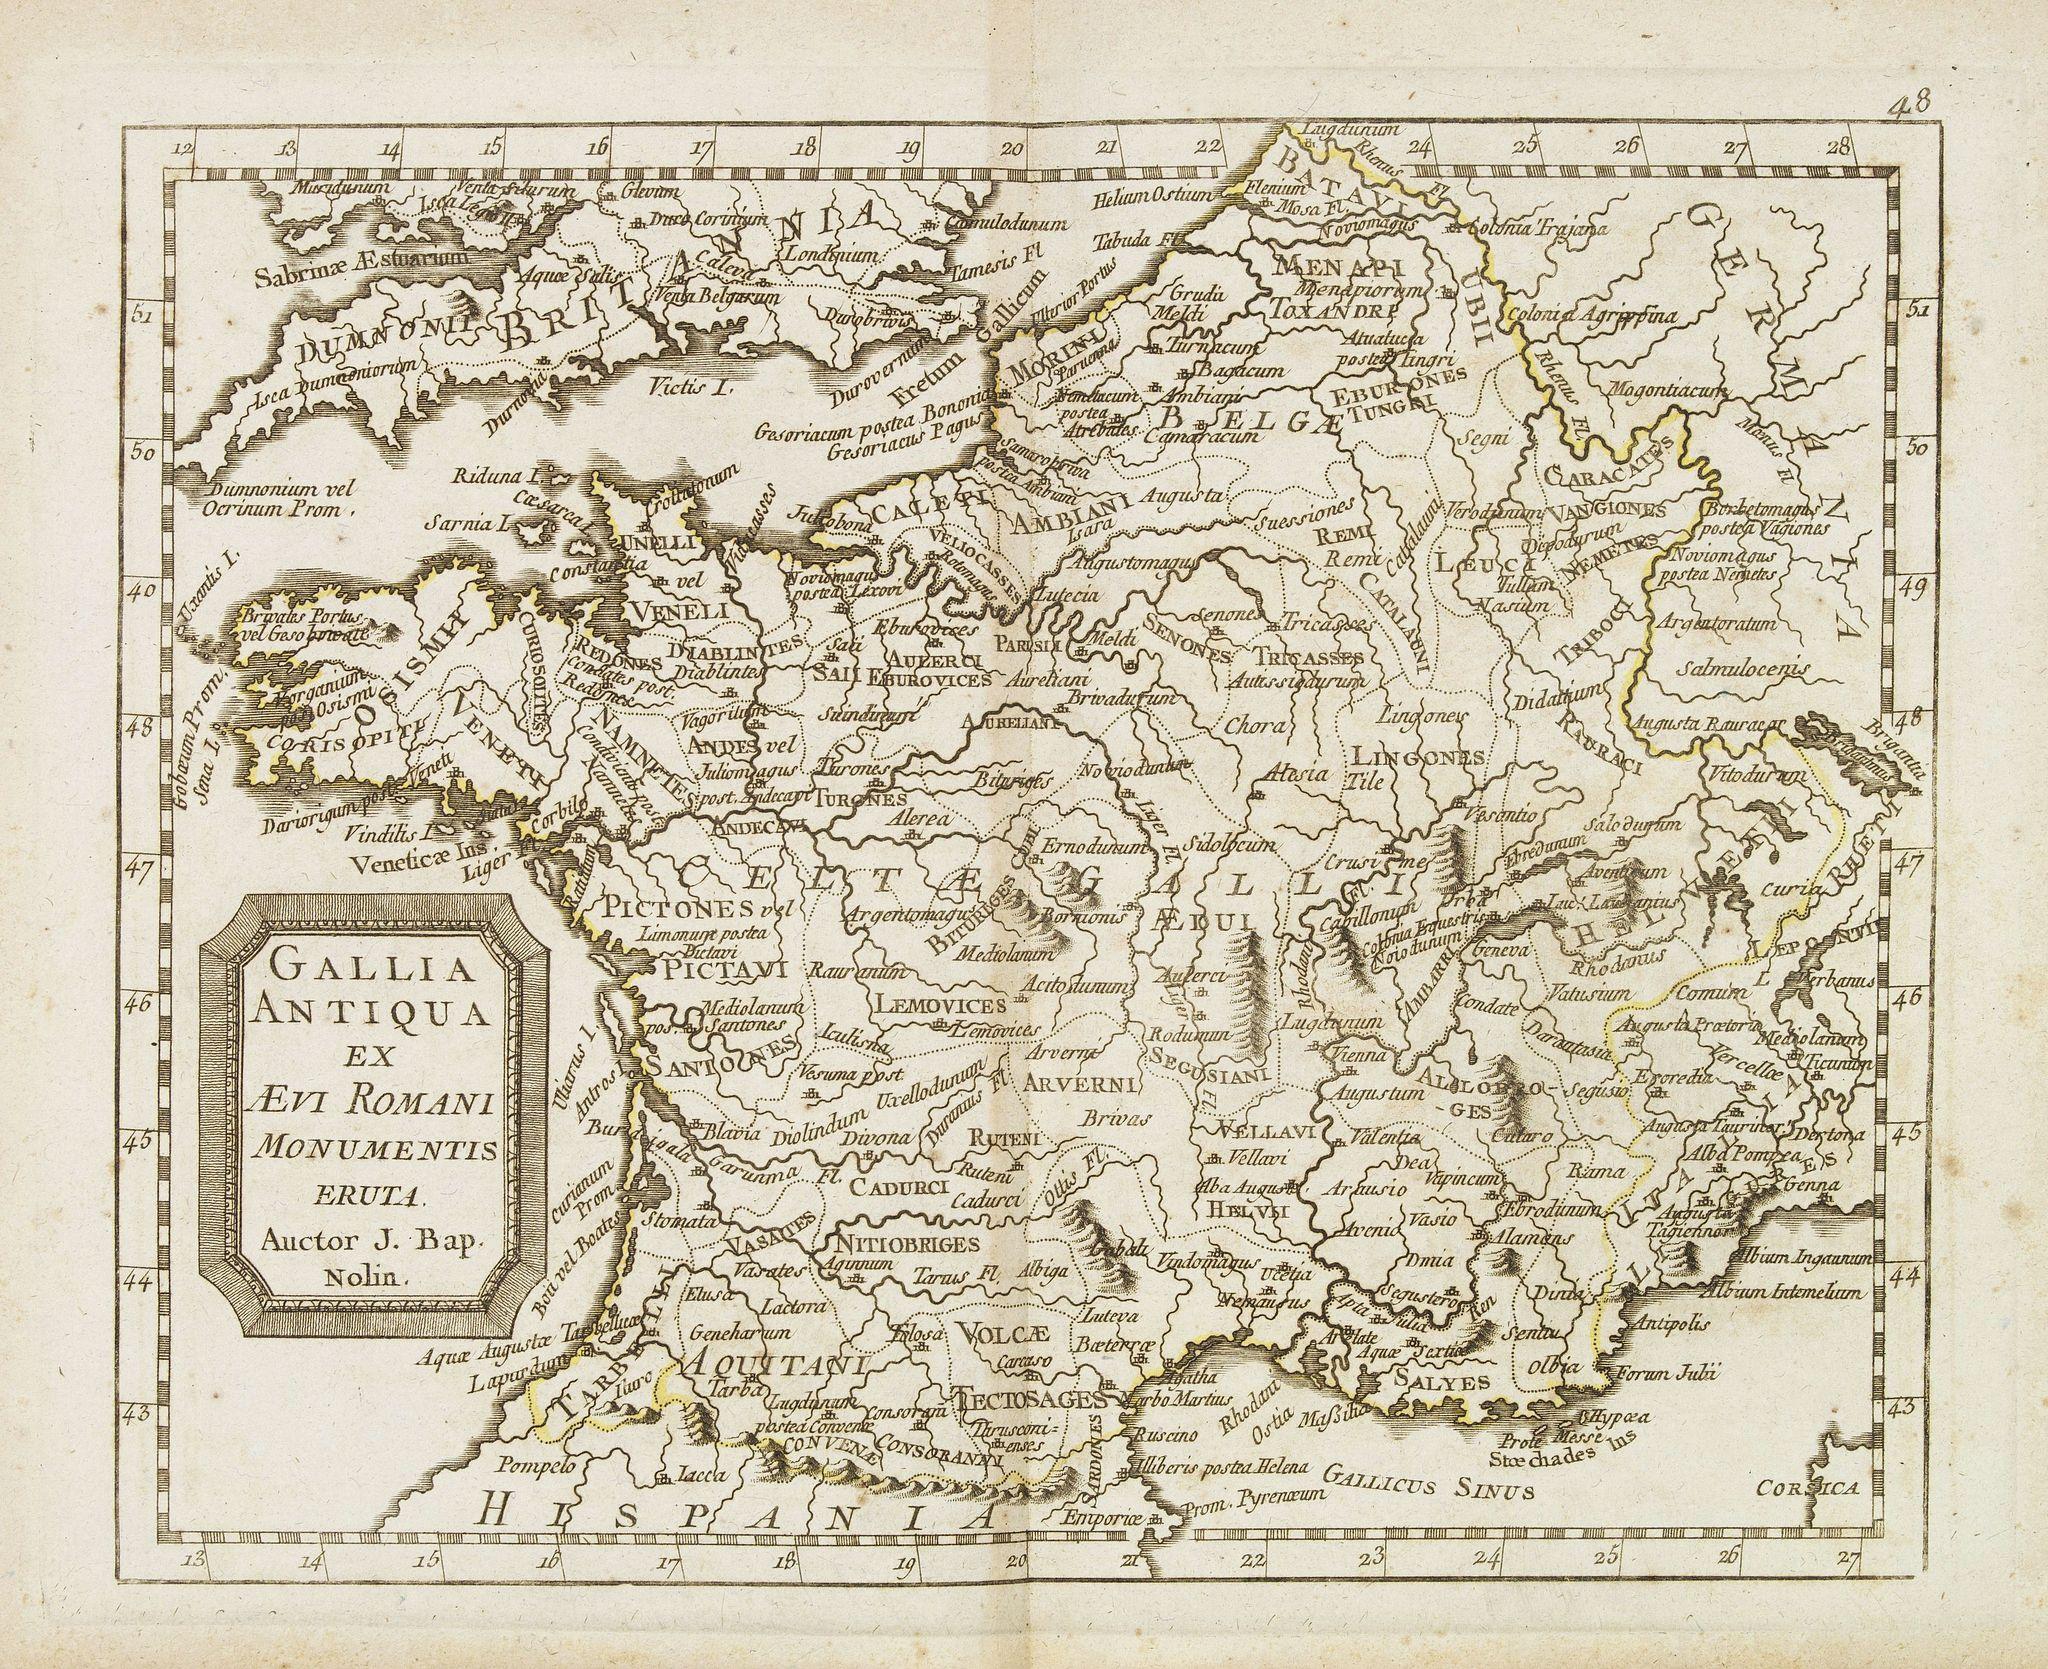 MONDHARE, L.J. / NOLIN, J.B. -  Gallia antiqua ex Aevi Romani monumentis eruta. . .